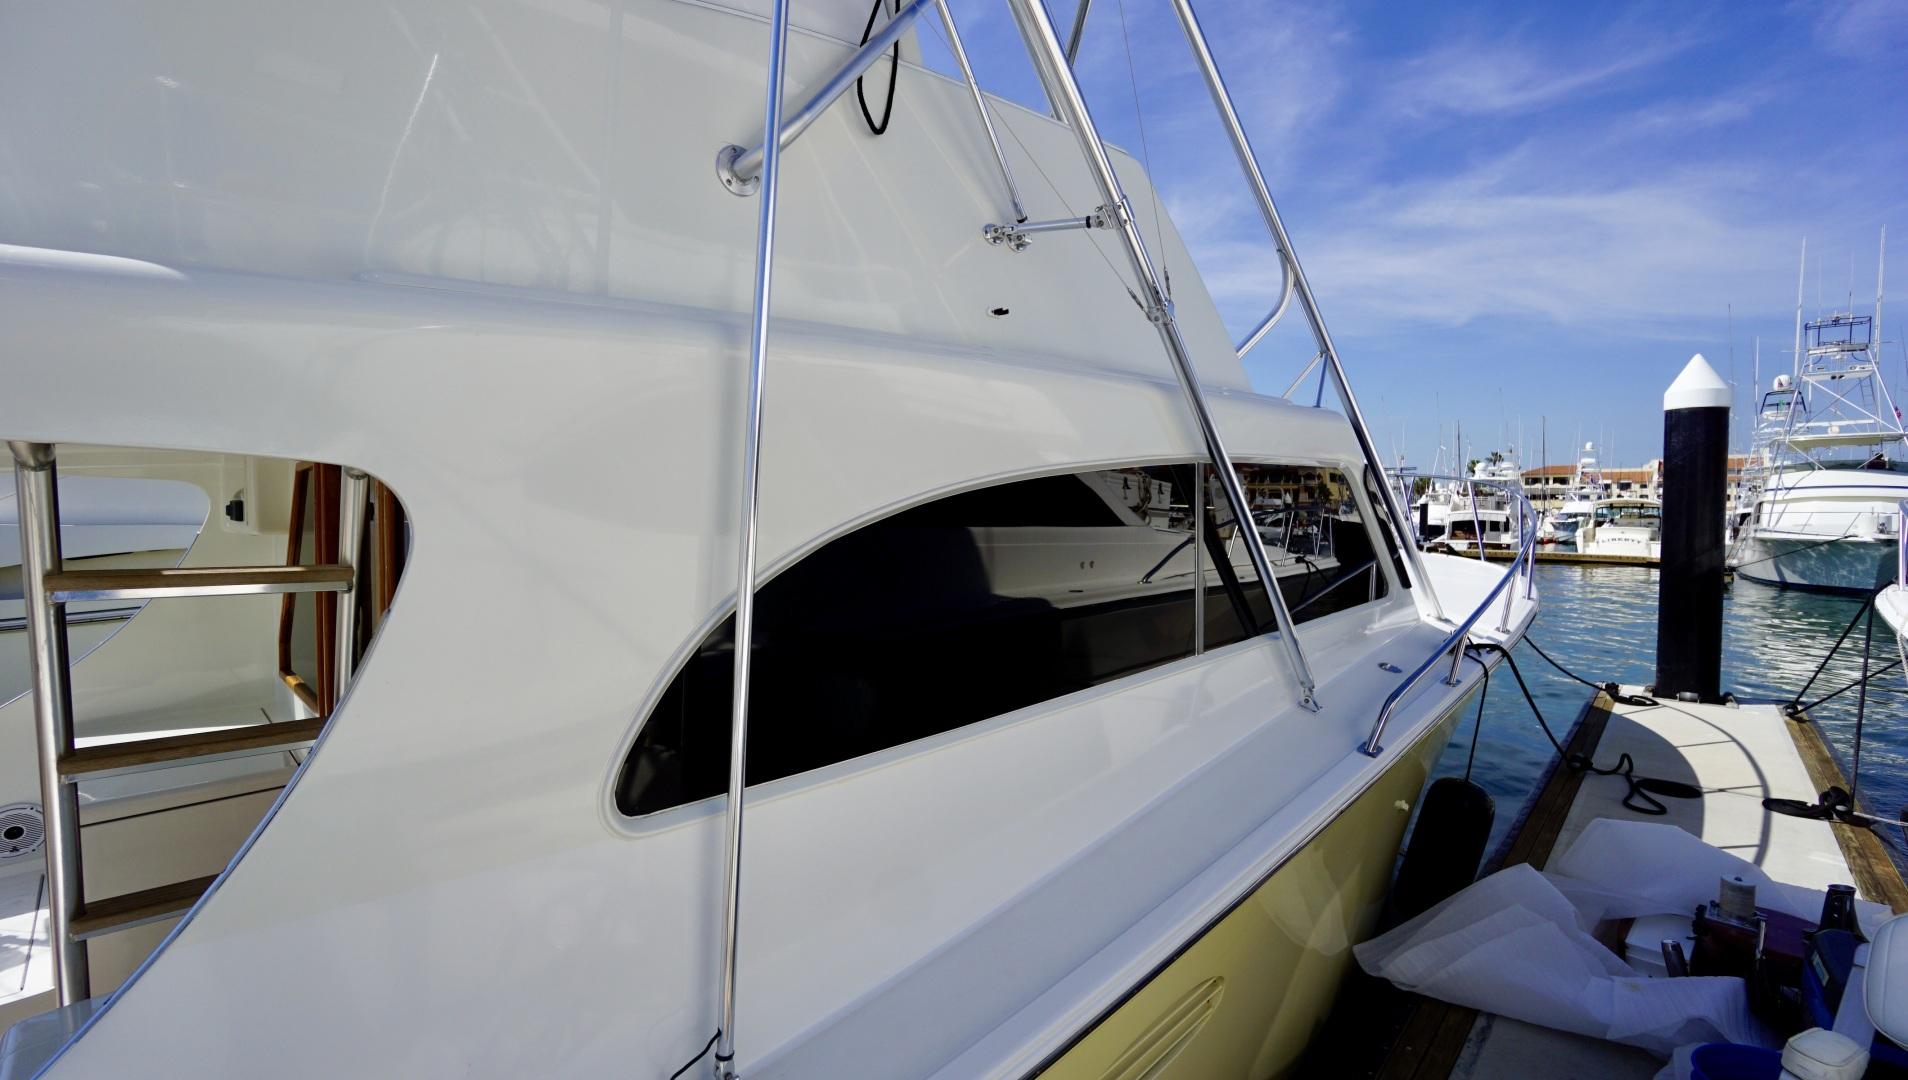 G&S Boats-40 Convertible 1983-Libertad Cabo San Lucas-Mexico-1543748 | Thumbnail